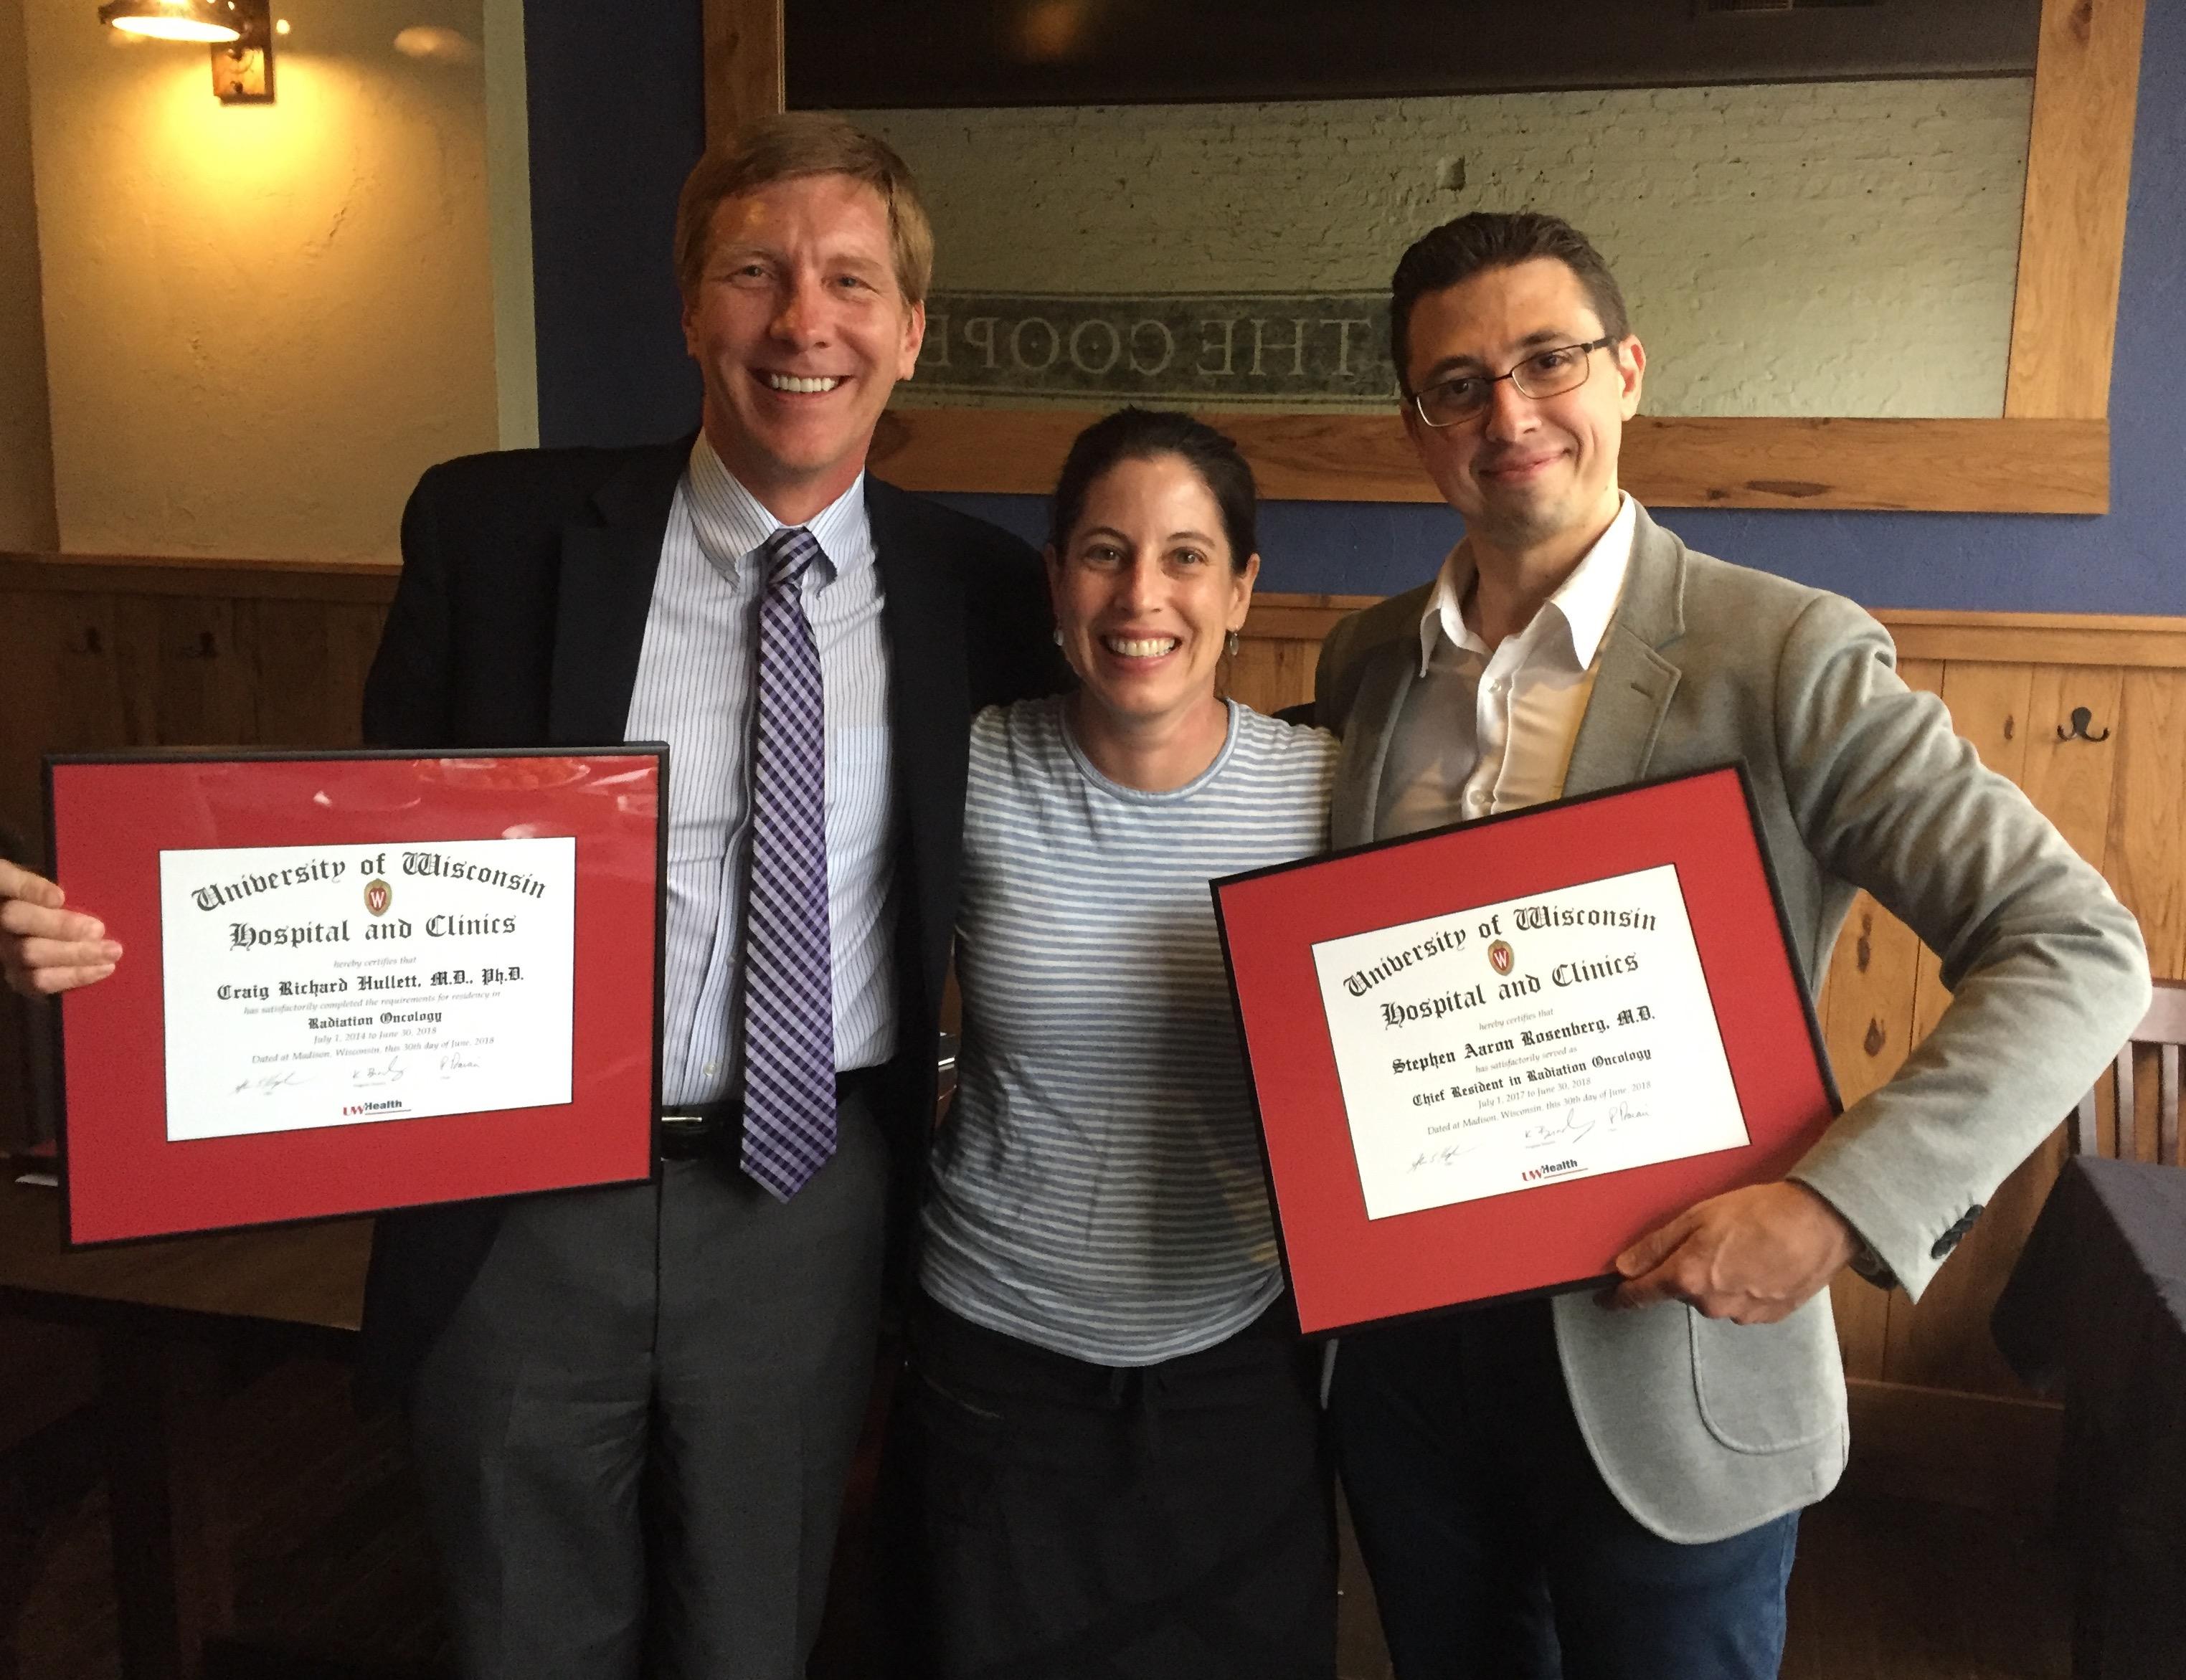 Dr. Craig Hullett, Dr. Kristin Bradley, Dr. Stephen Rosenberg